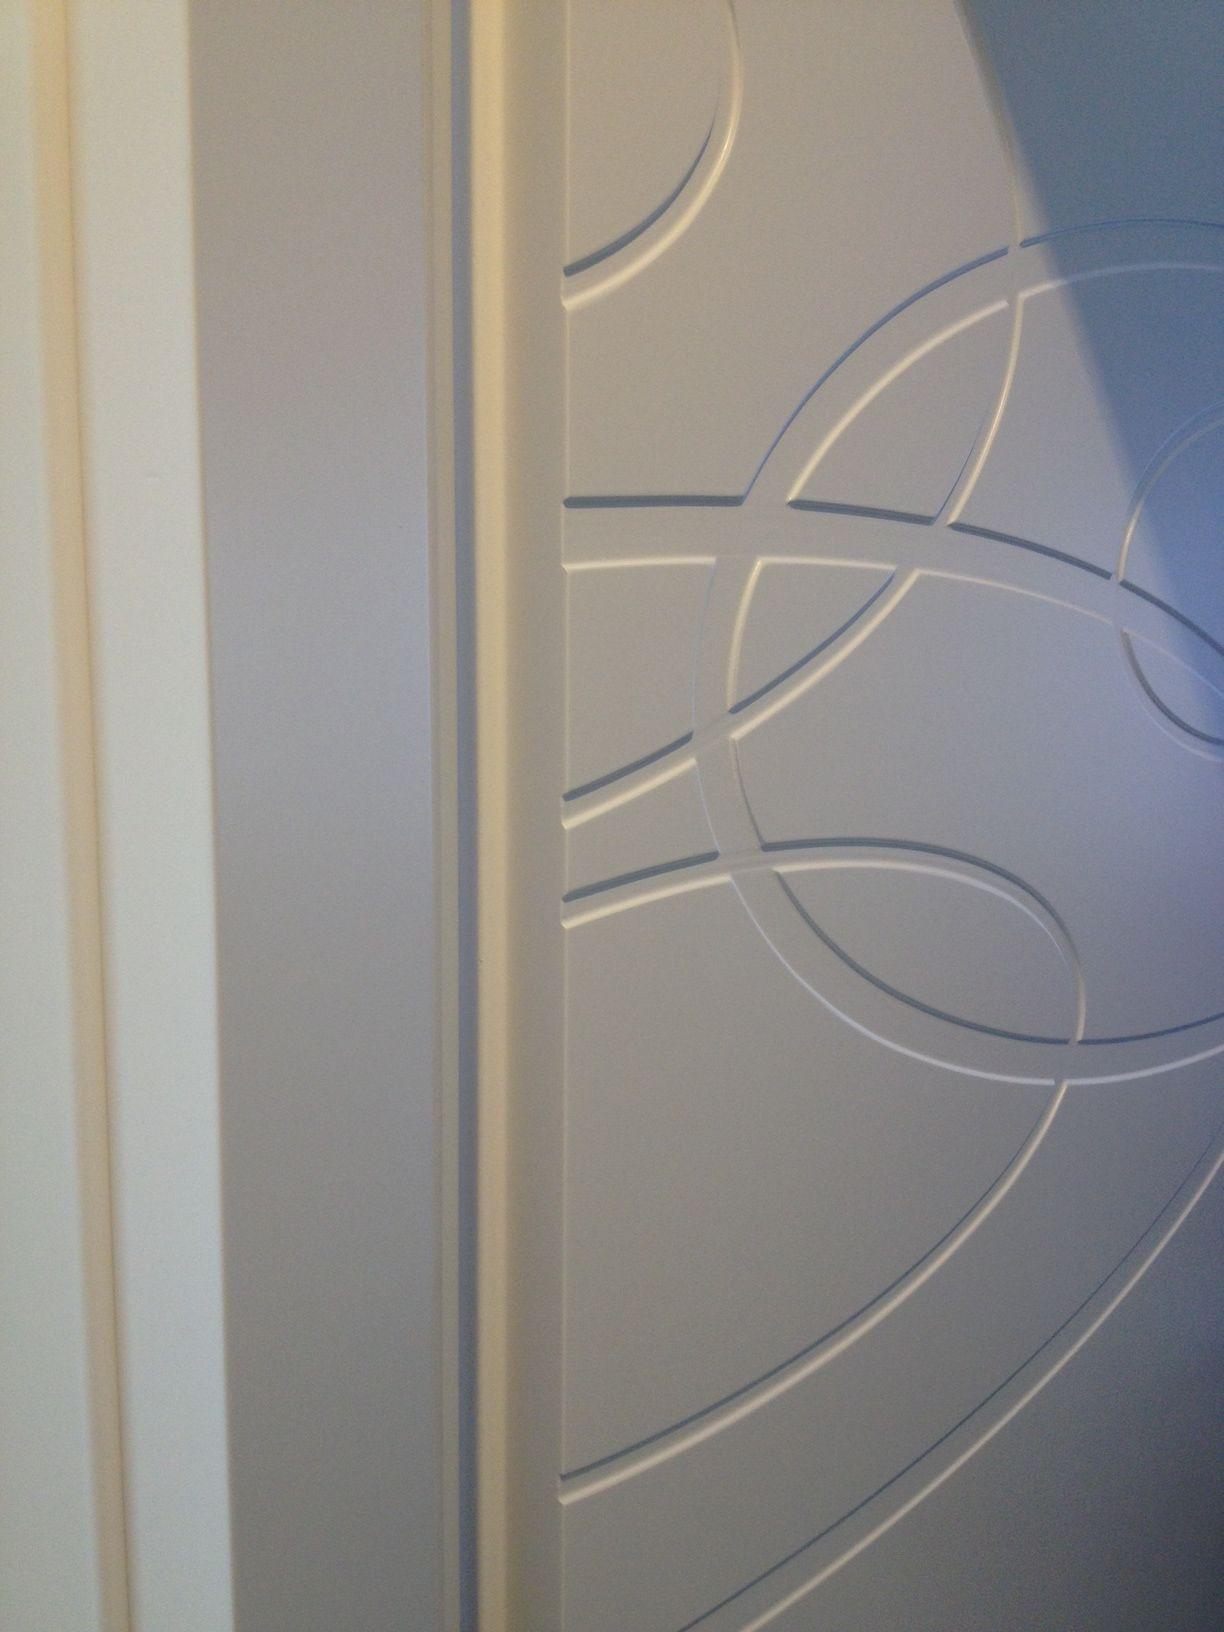 Gd dorigo collezione venus art 360 da solo 373 euro iva porte interne - Porte gd dorigo ...